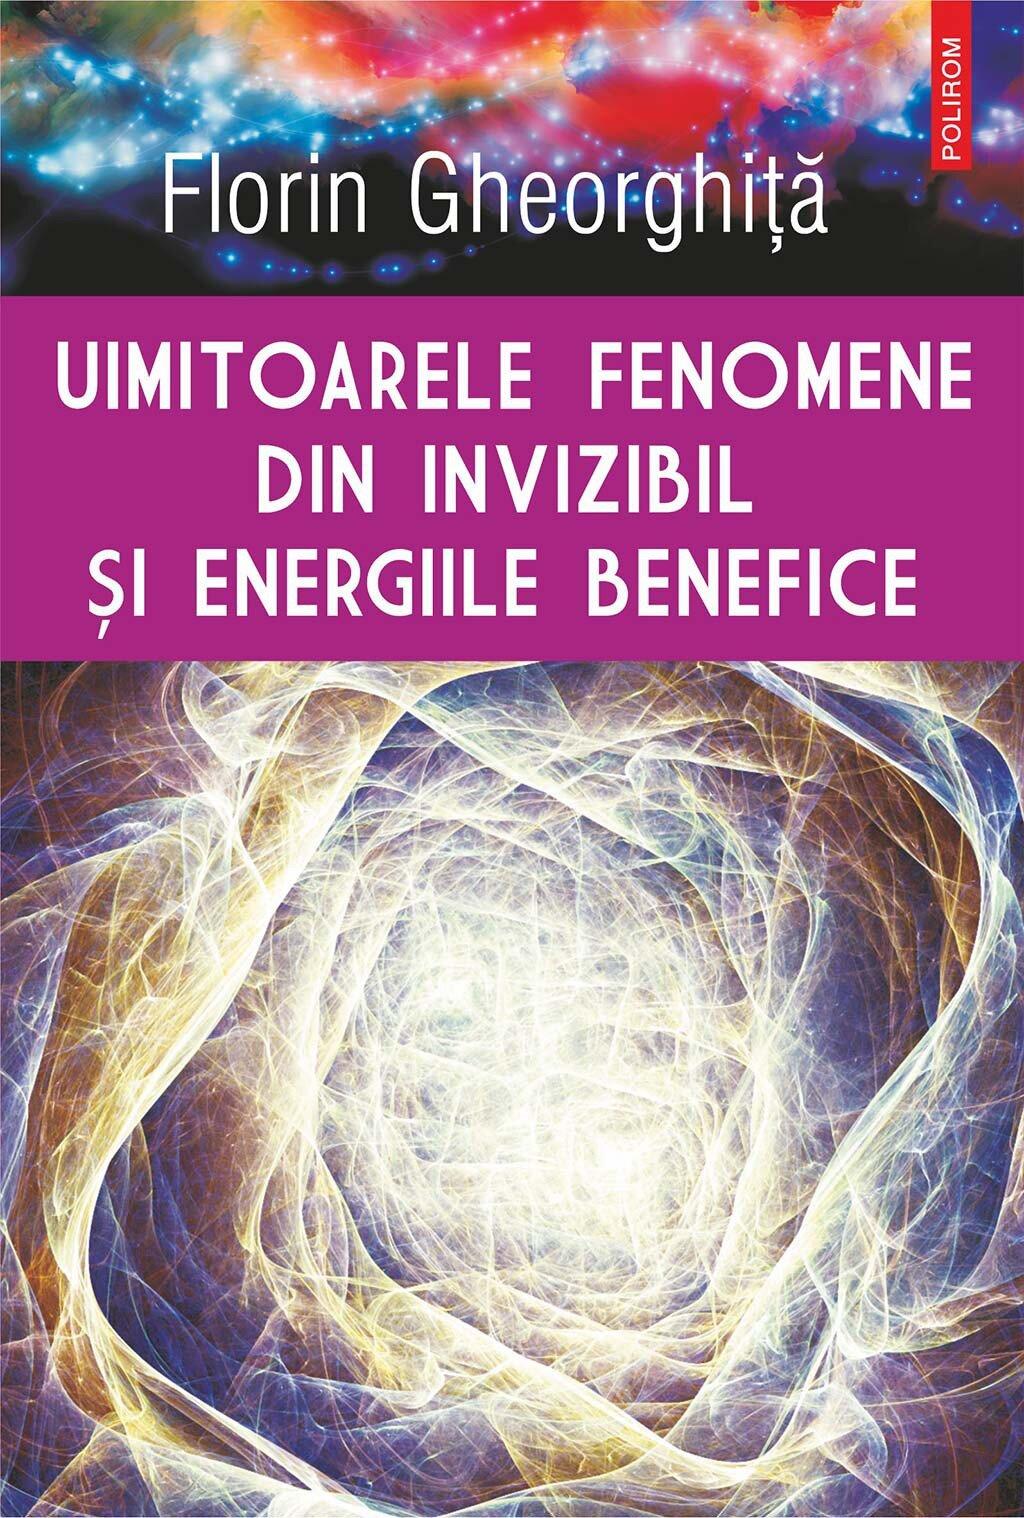 Uimitoarele fenomene din invizibil si energiile benefice PDF (Download eBook)